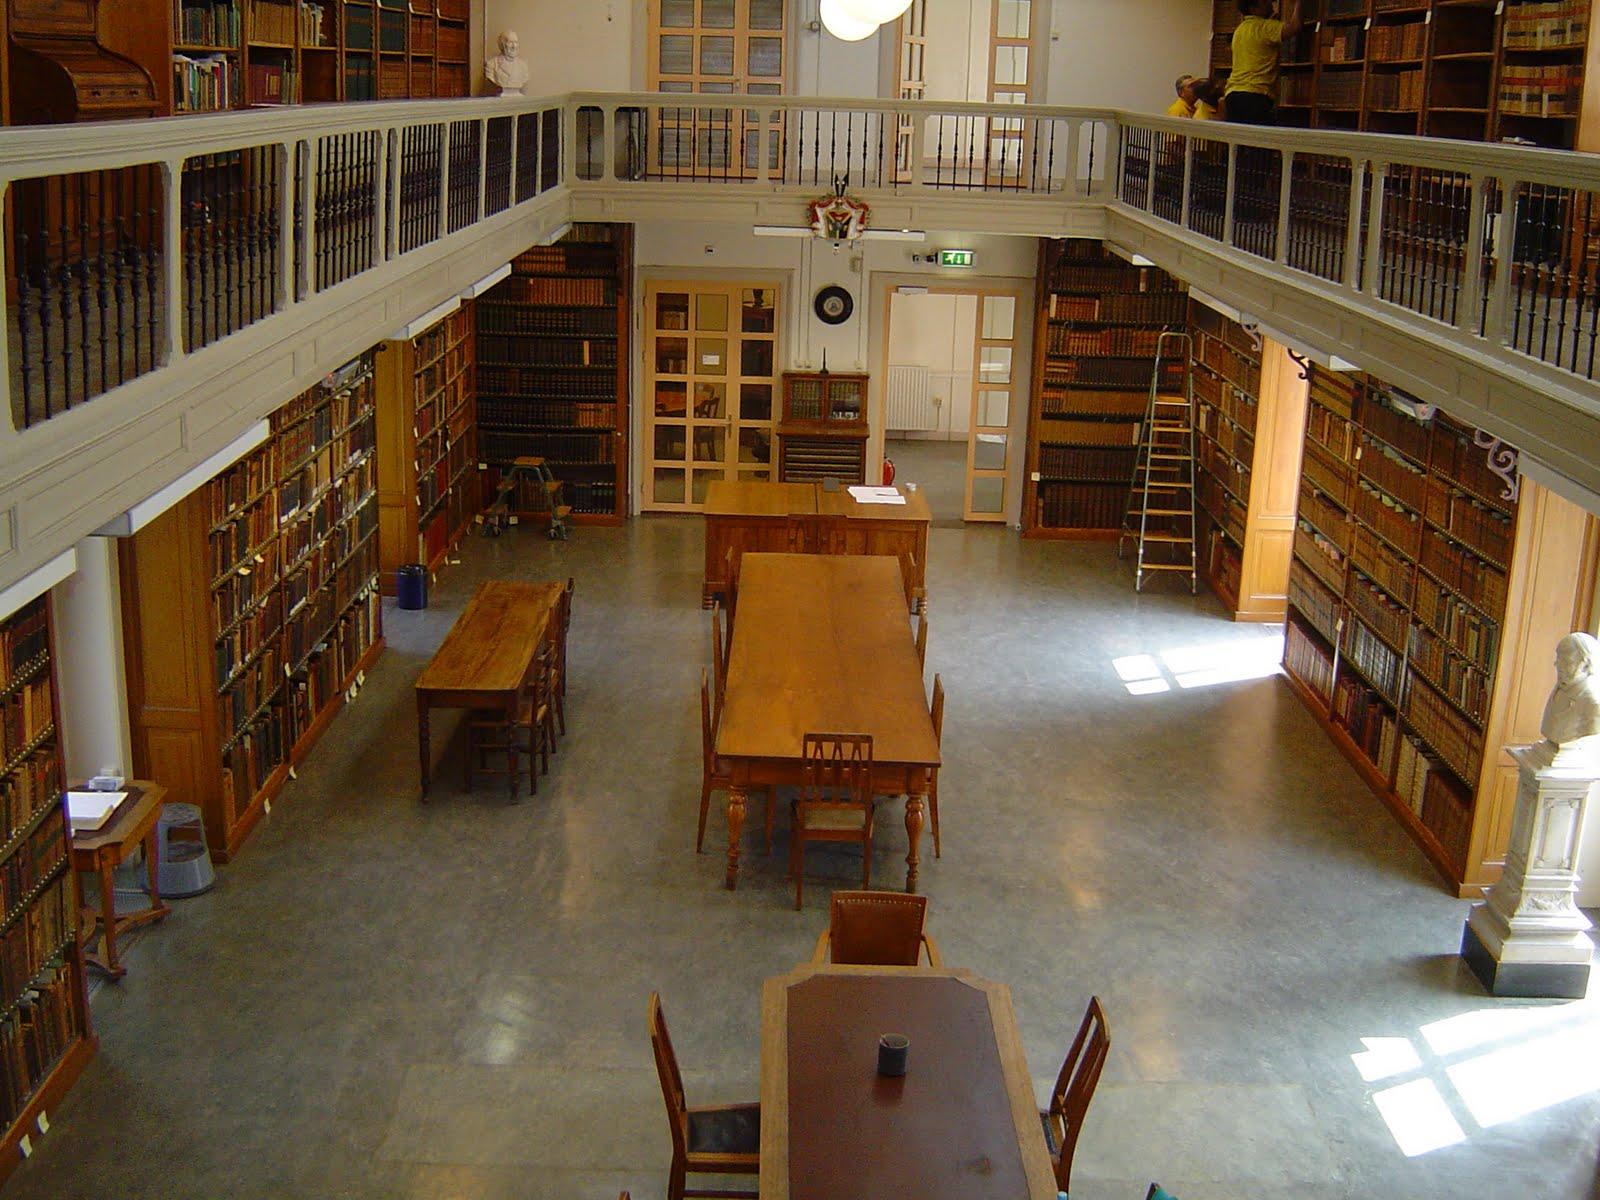 de divisie erfgoed van de universiteit van amsterdam uva erfgoed vormt ...